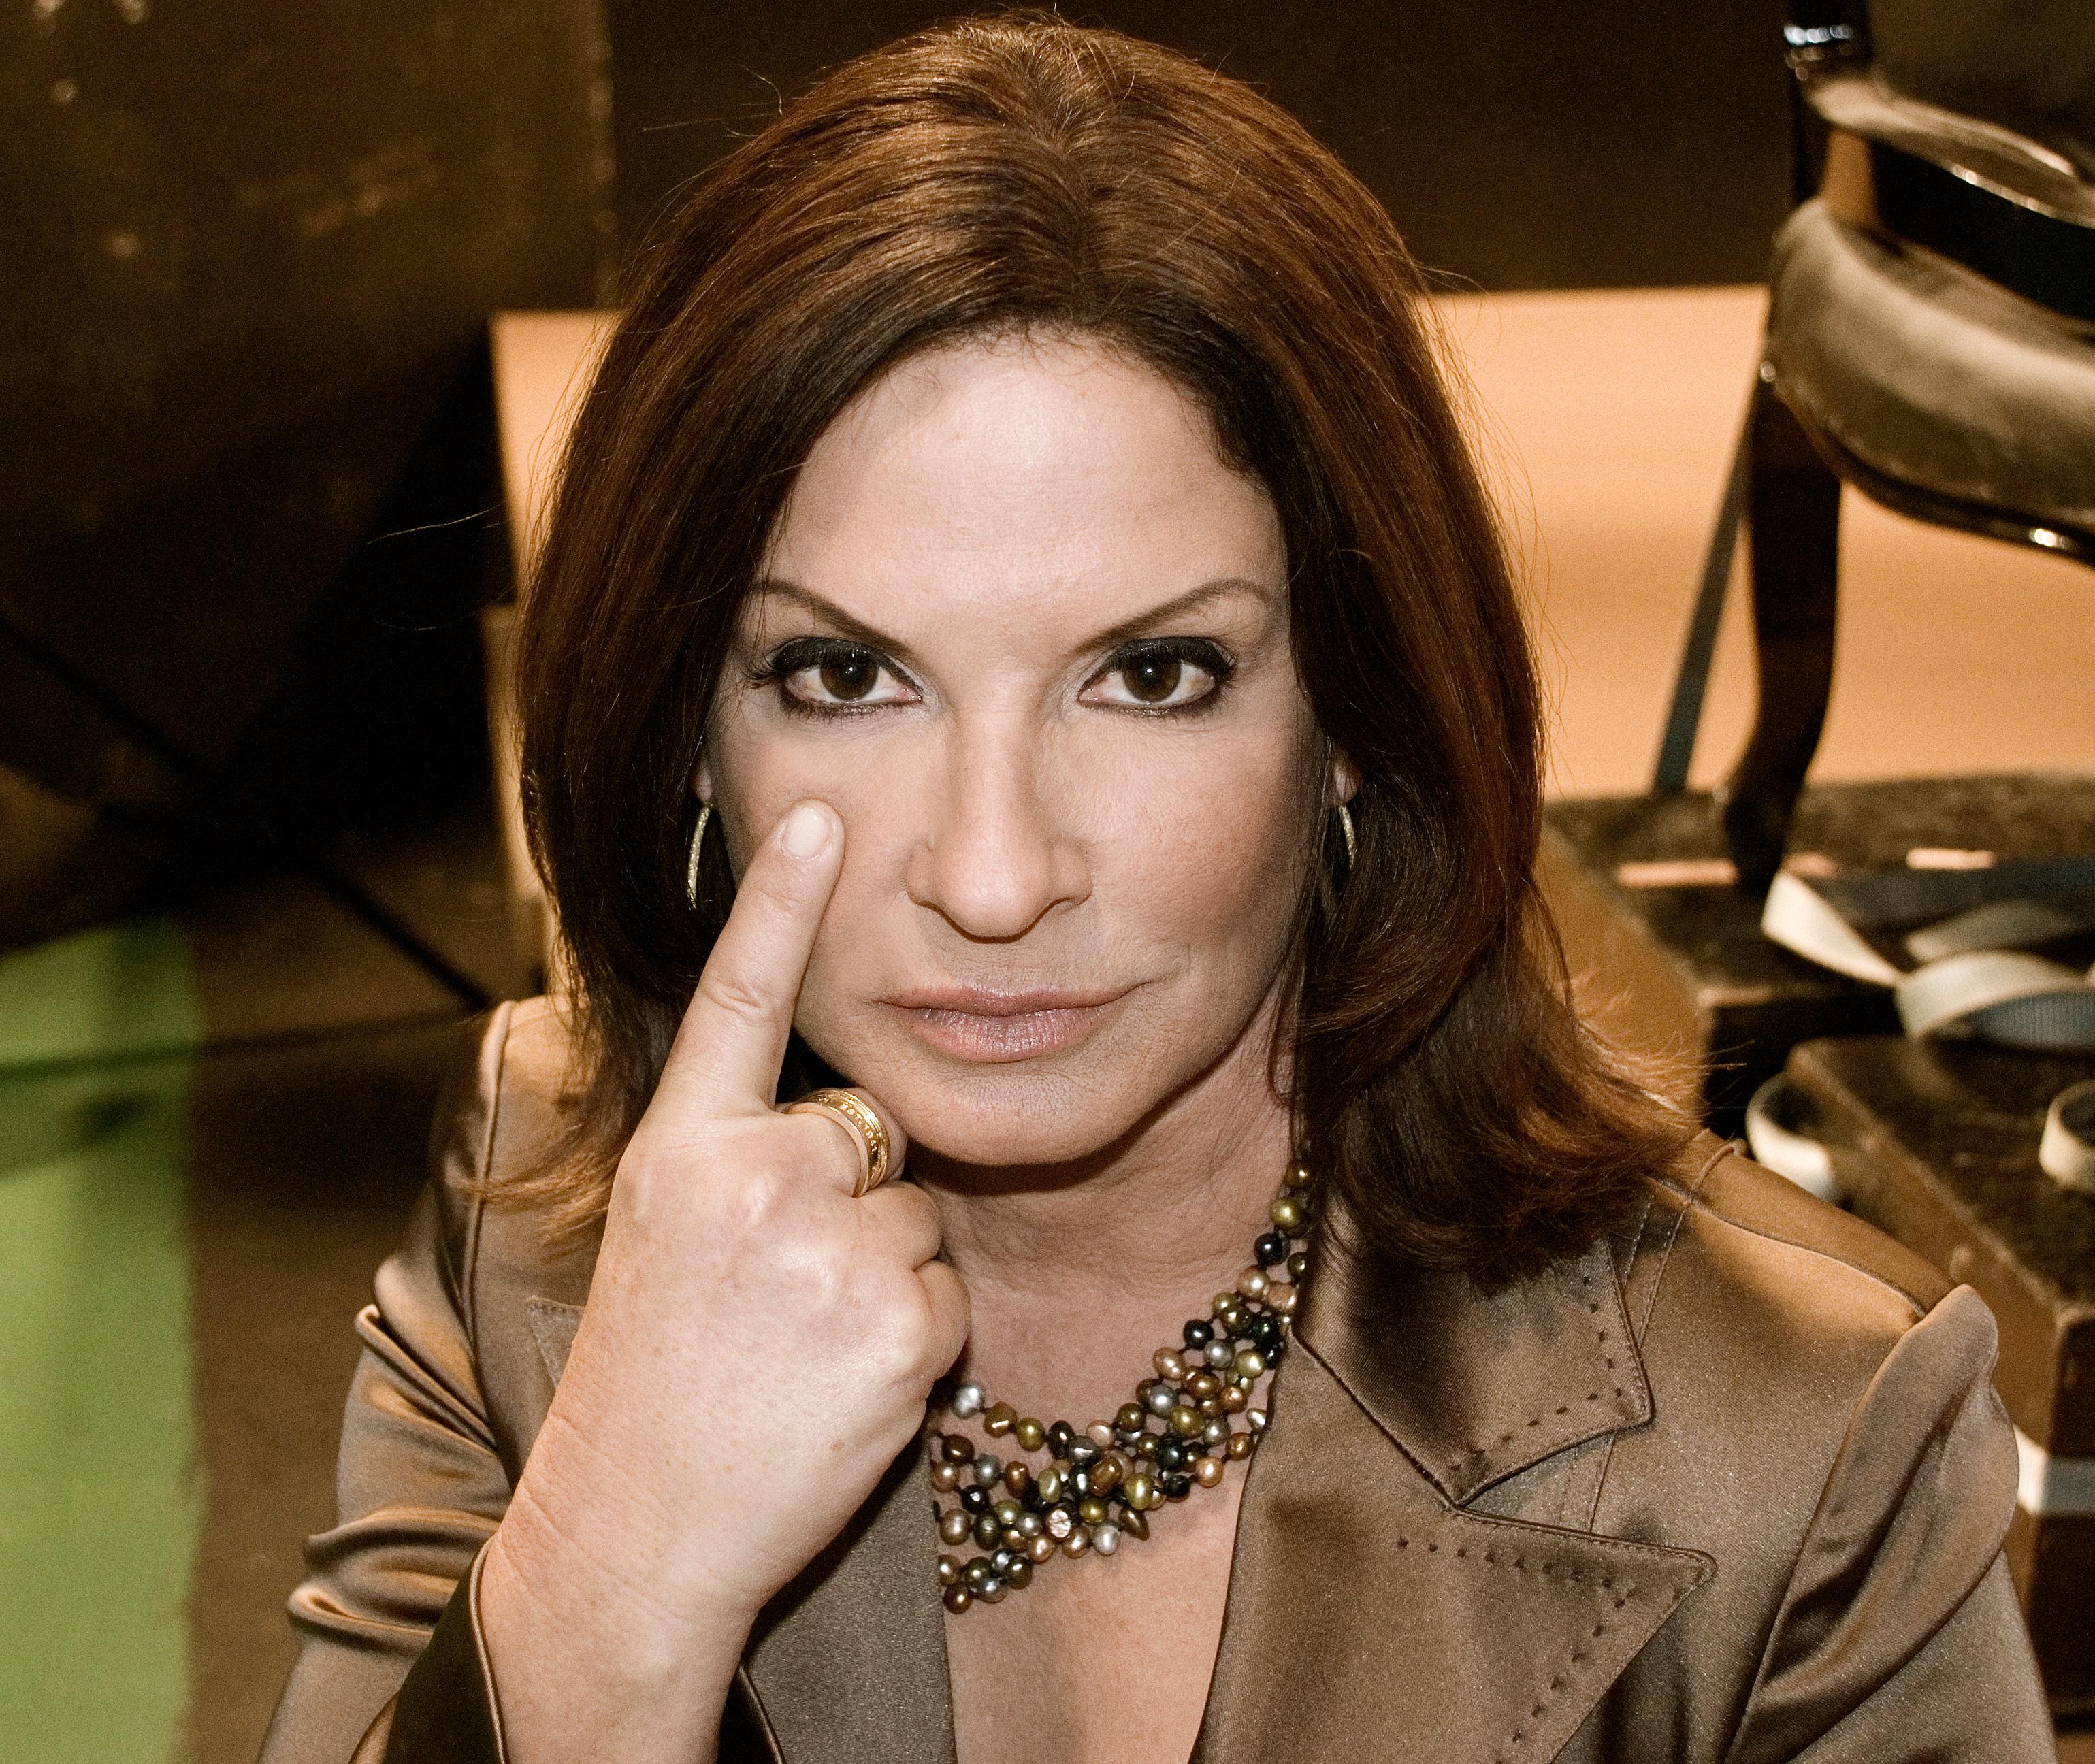 Ana María Polo Wikipedia